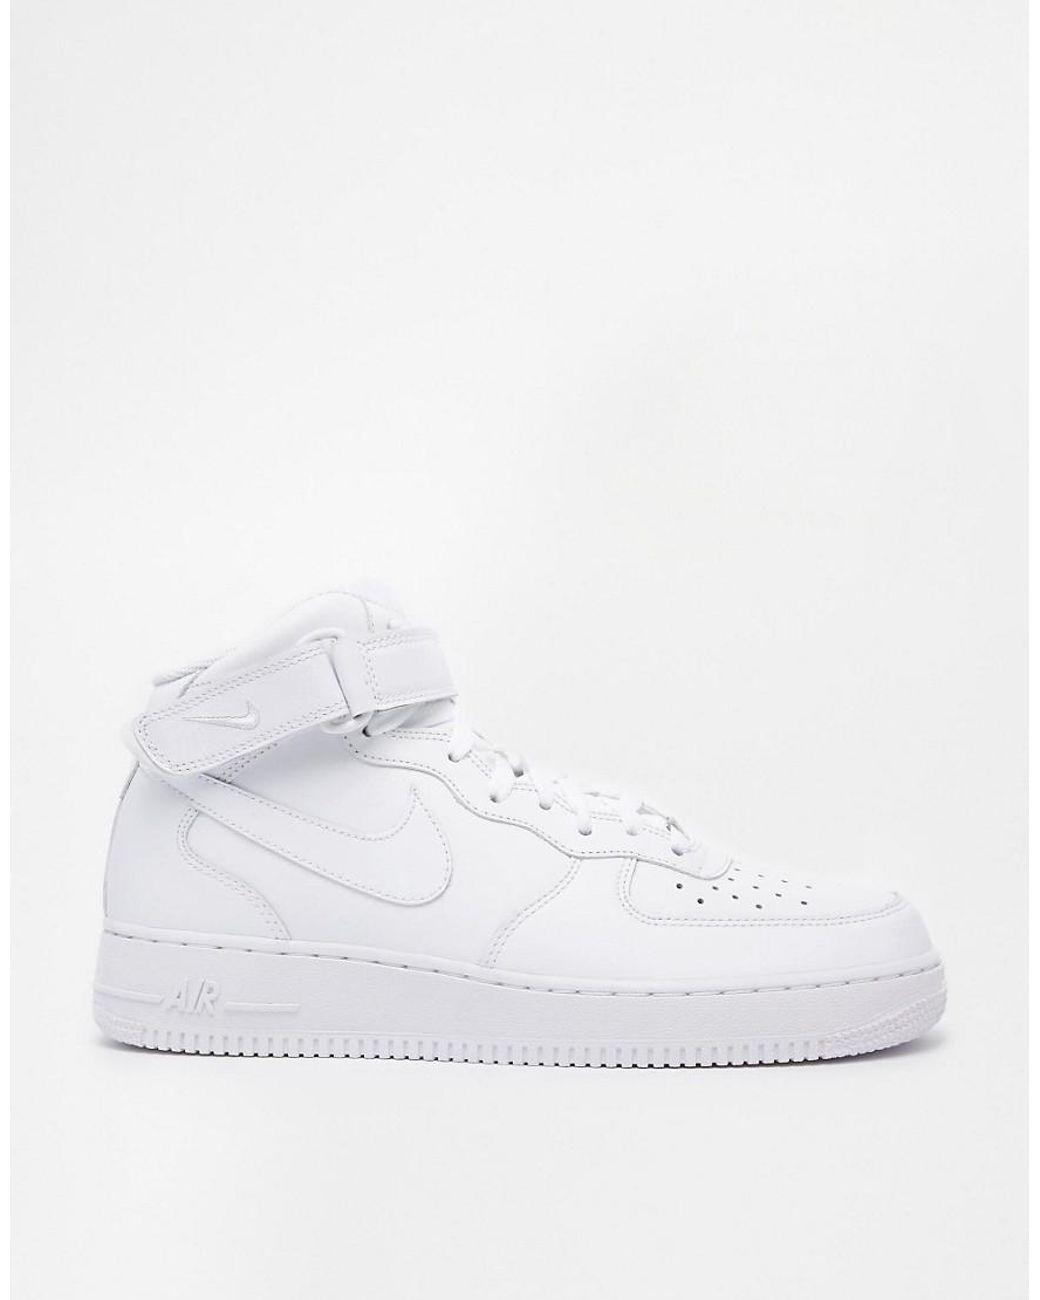 Air Force 1 Mid '07 Weiße Sneaker, 315123 111